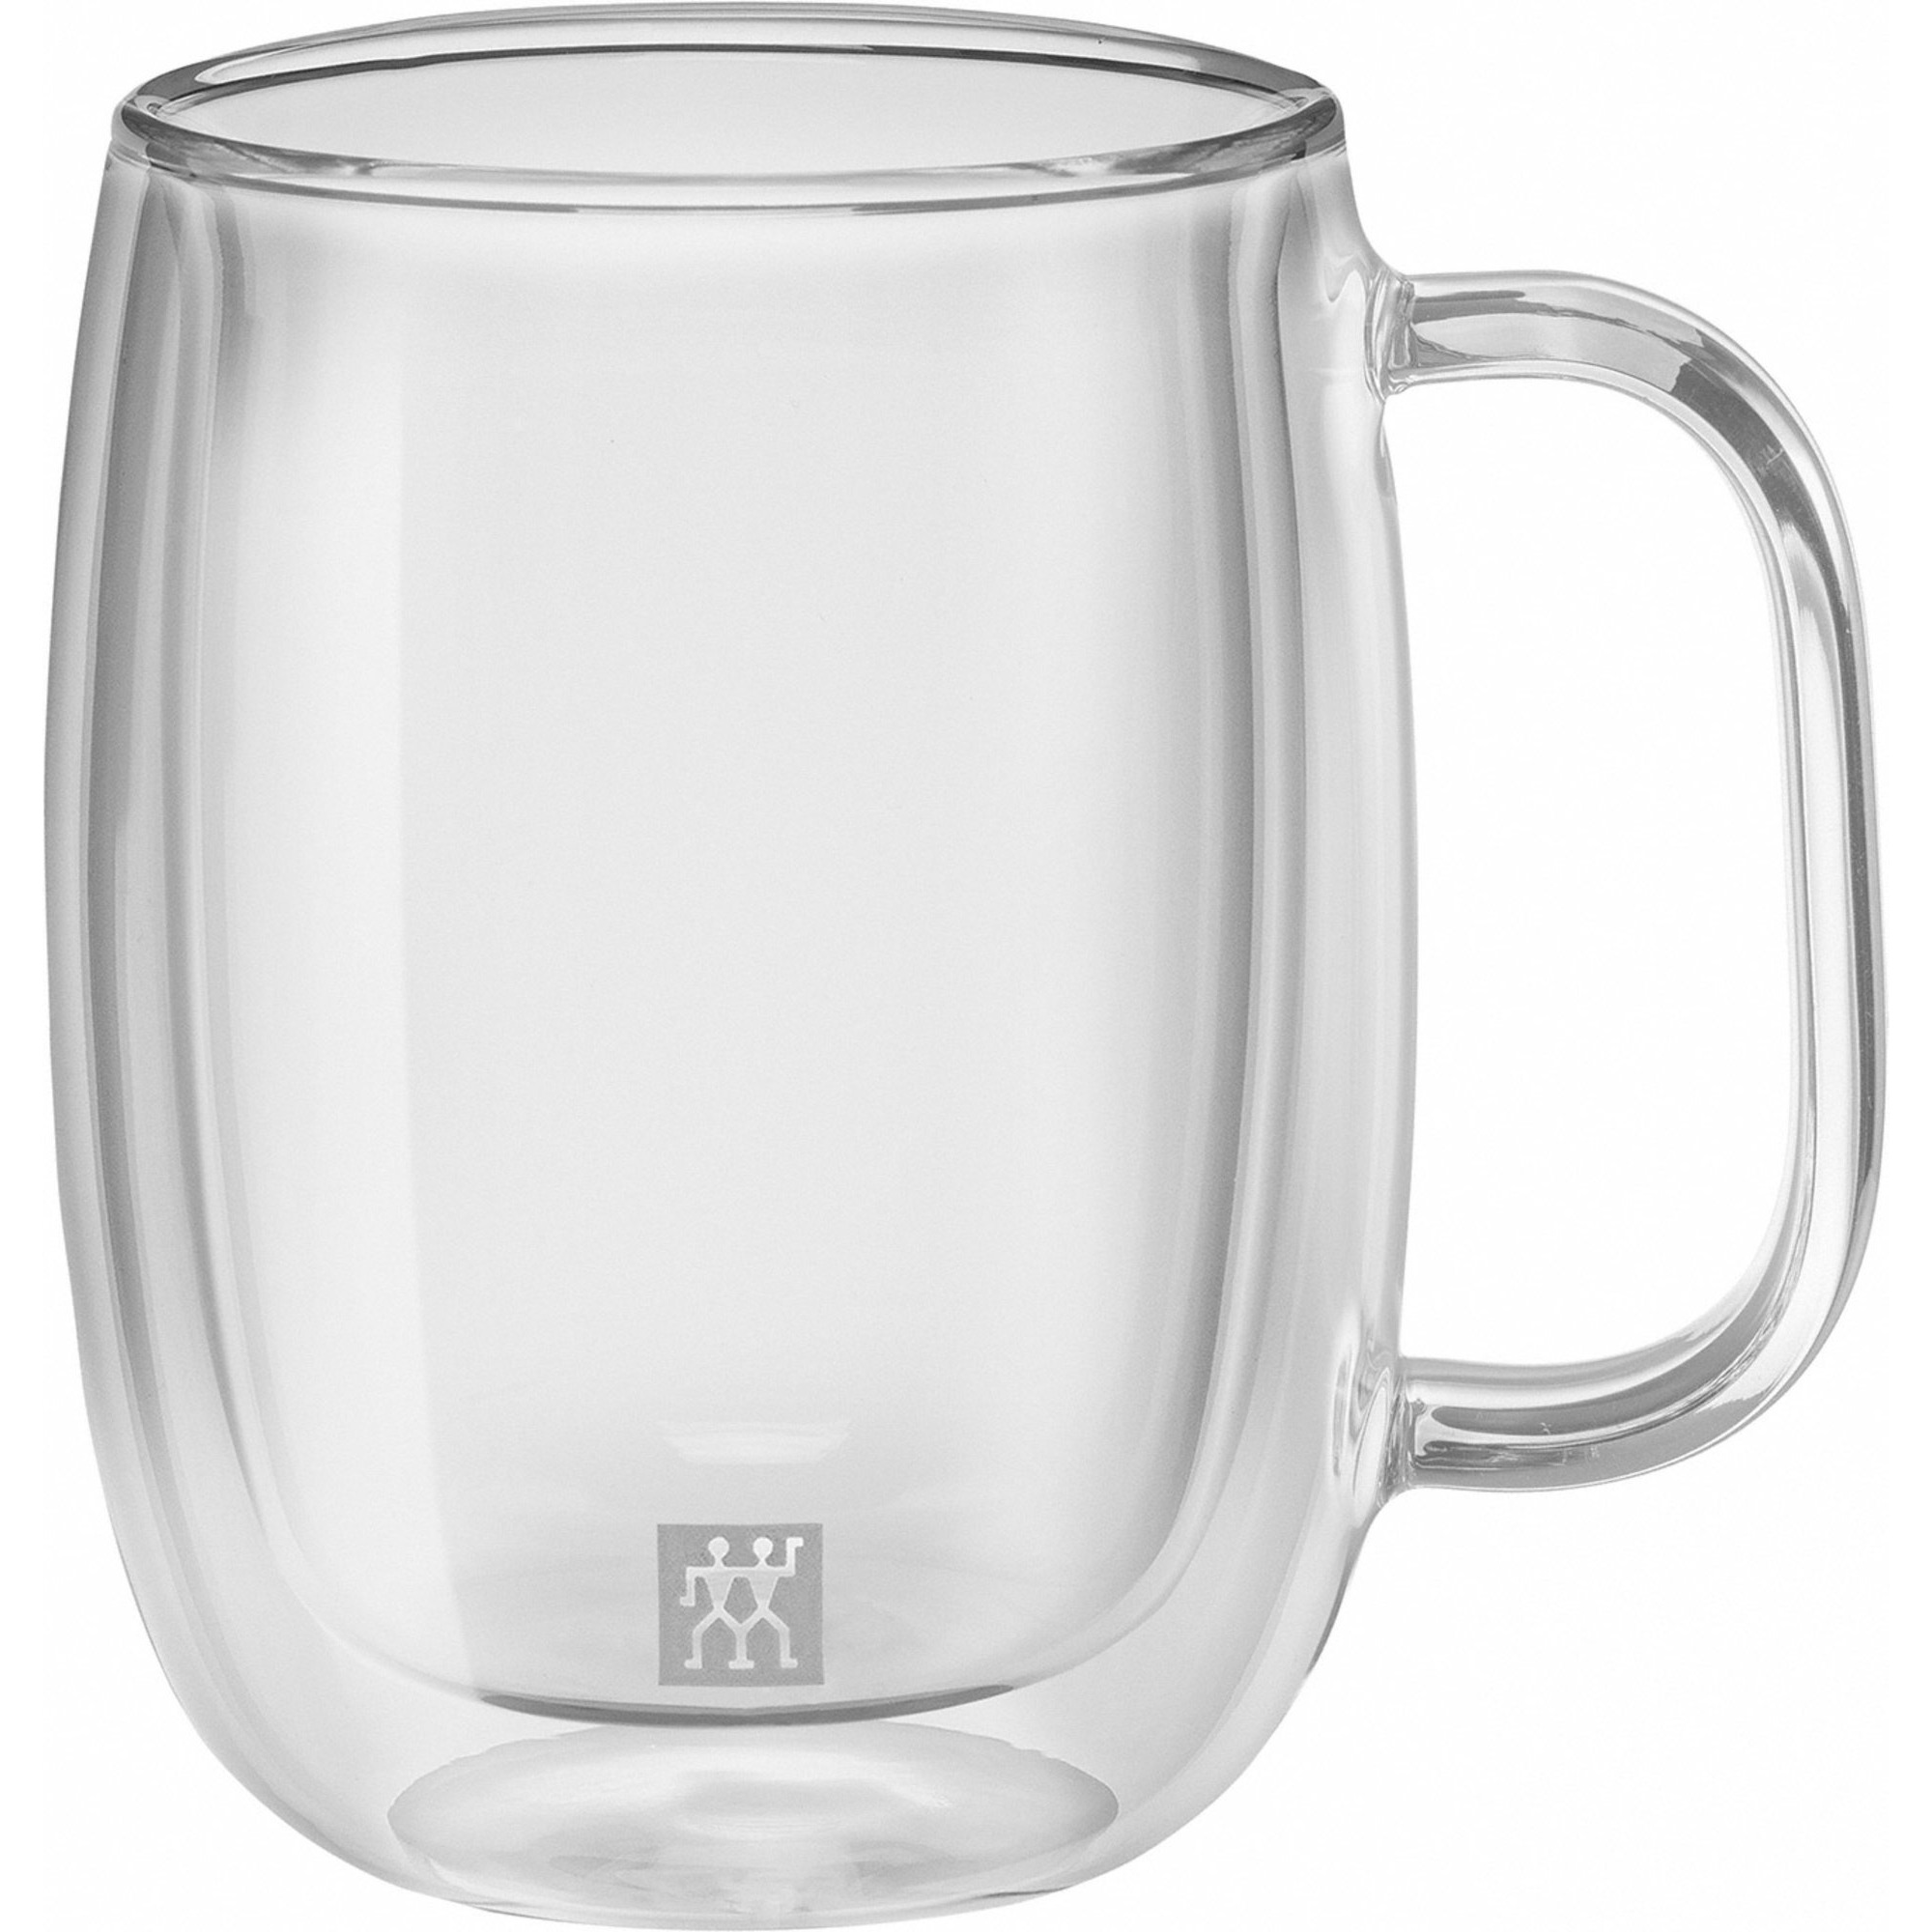 Zwilling Sorrento Kaffeglas med handtag 2- pack 200 ml